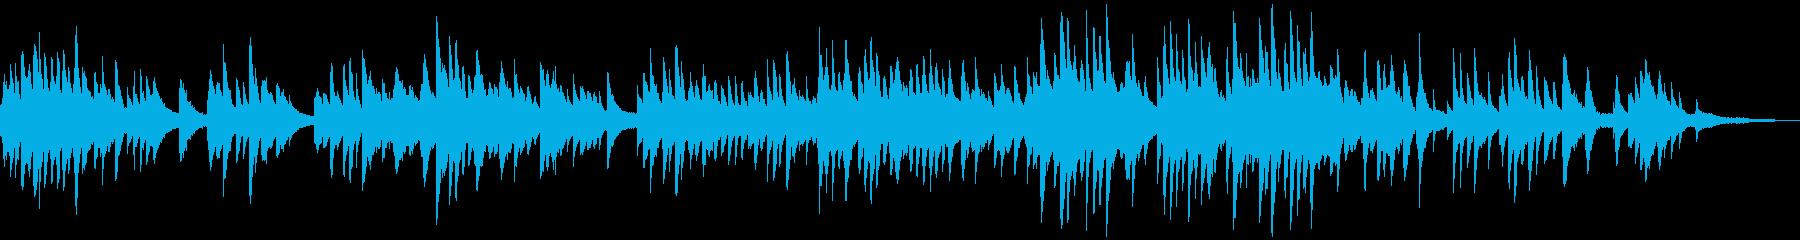 ロマンチックなピアノバラードの再生済みの波形